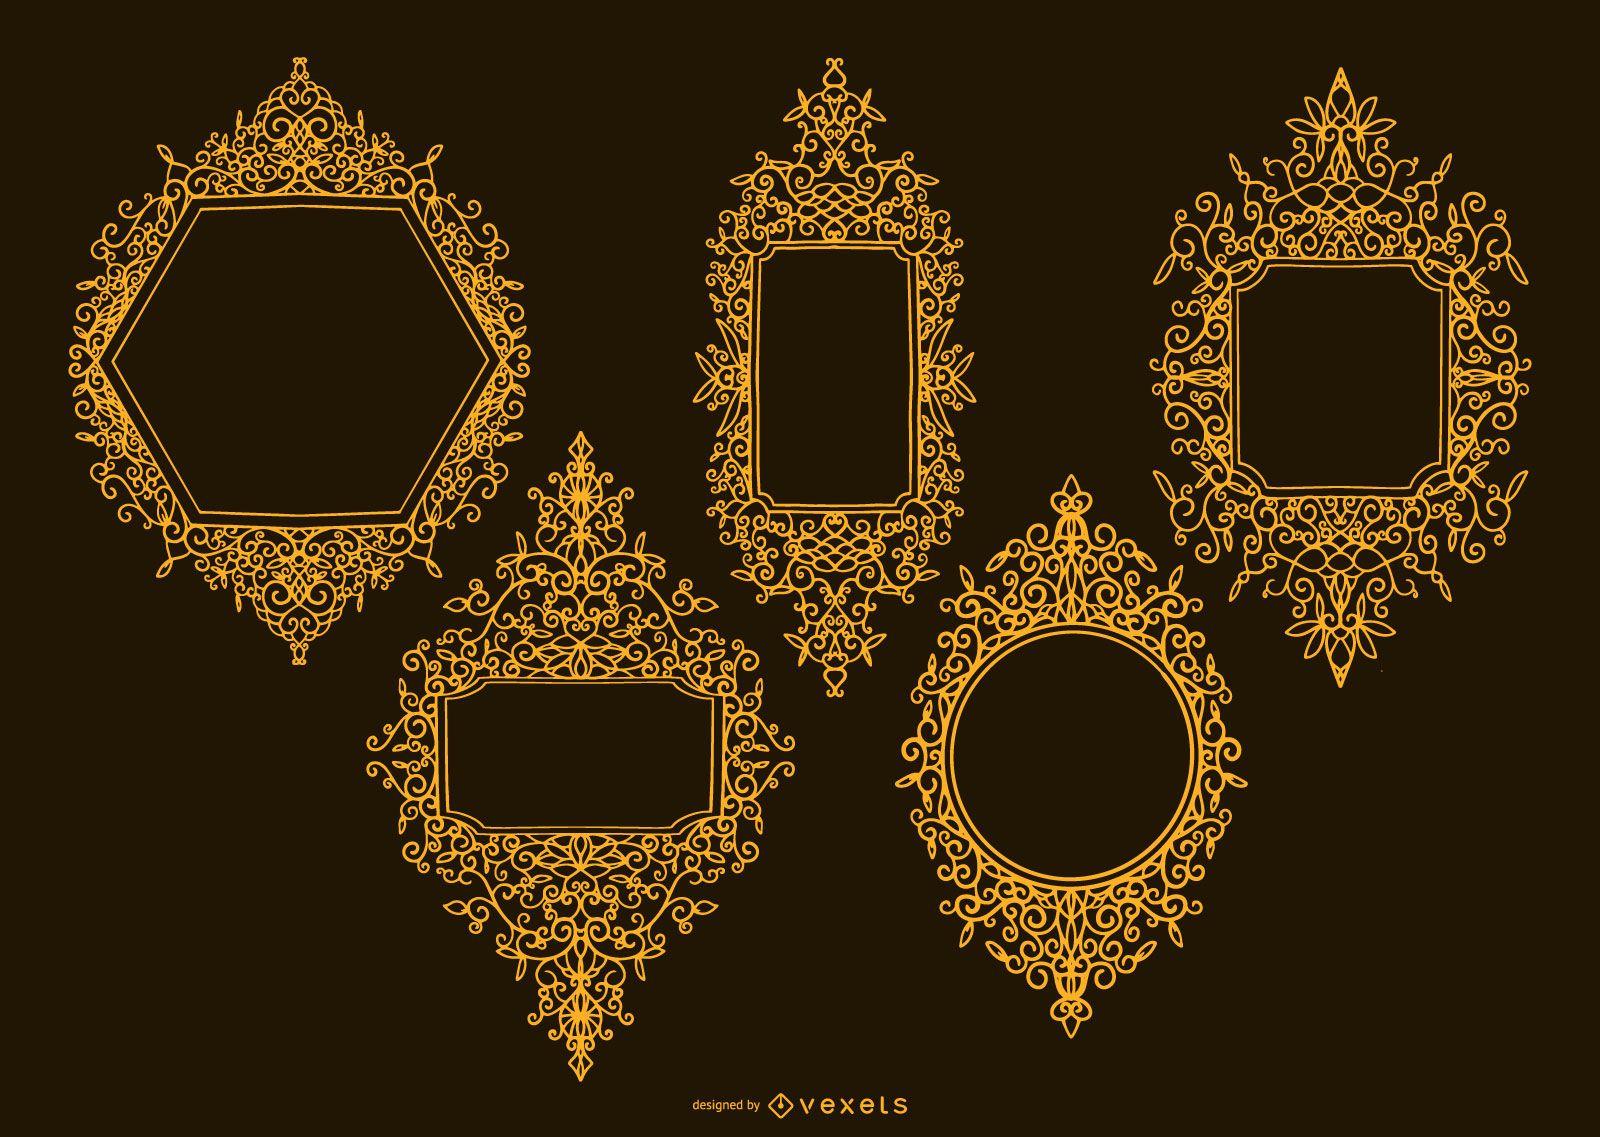 Paquete de diseño de marco ornamental dorado